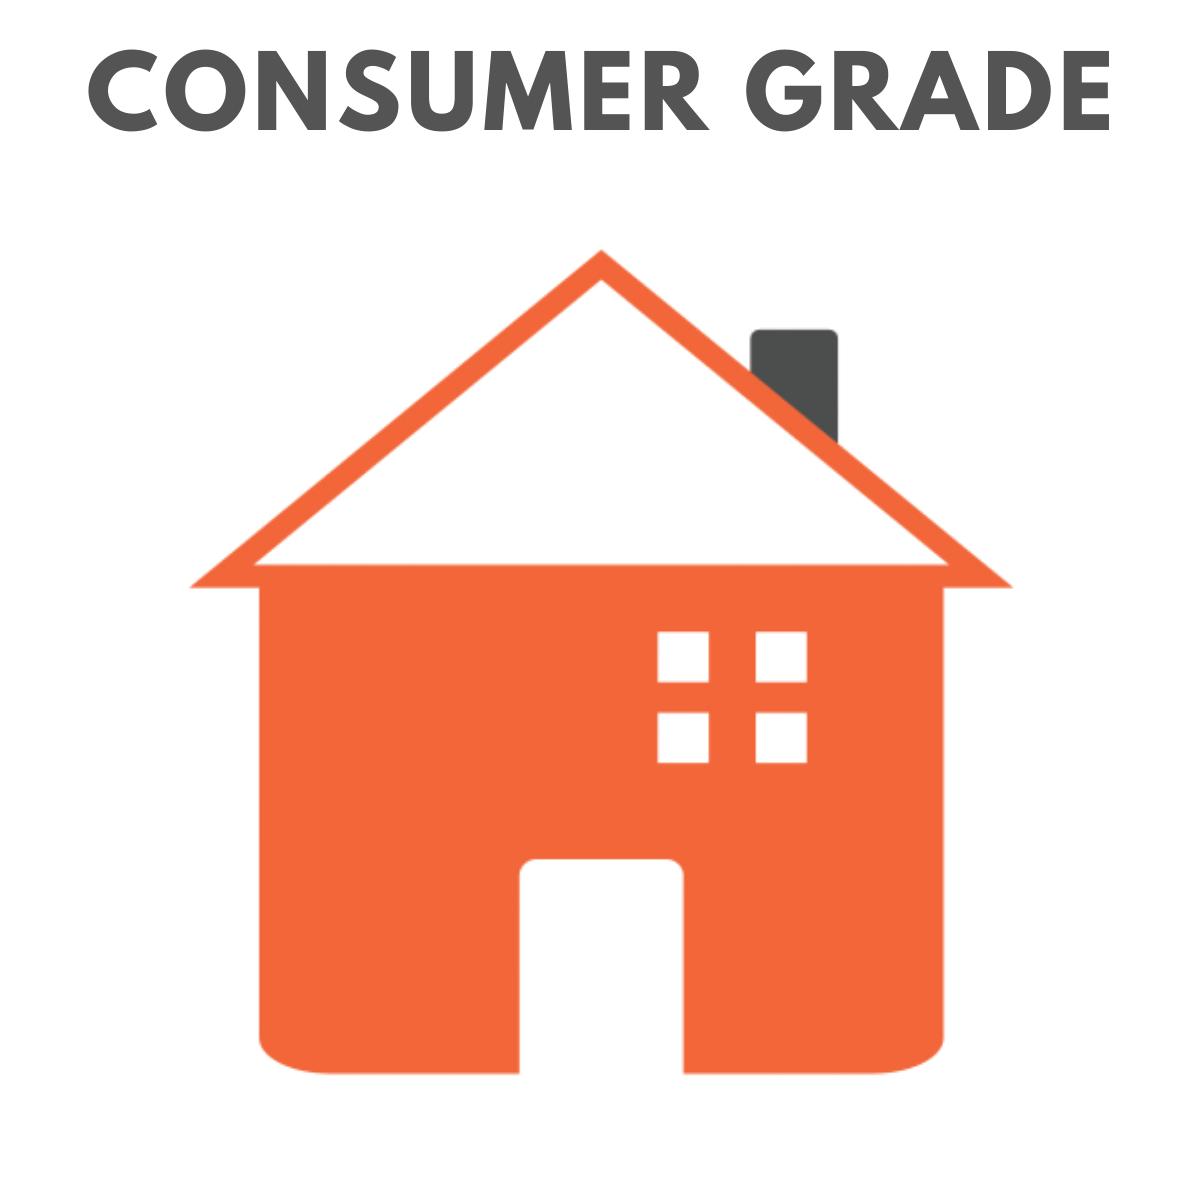 Consumer Grade